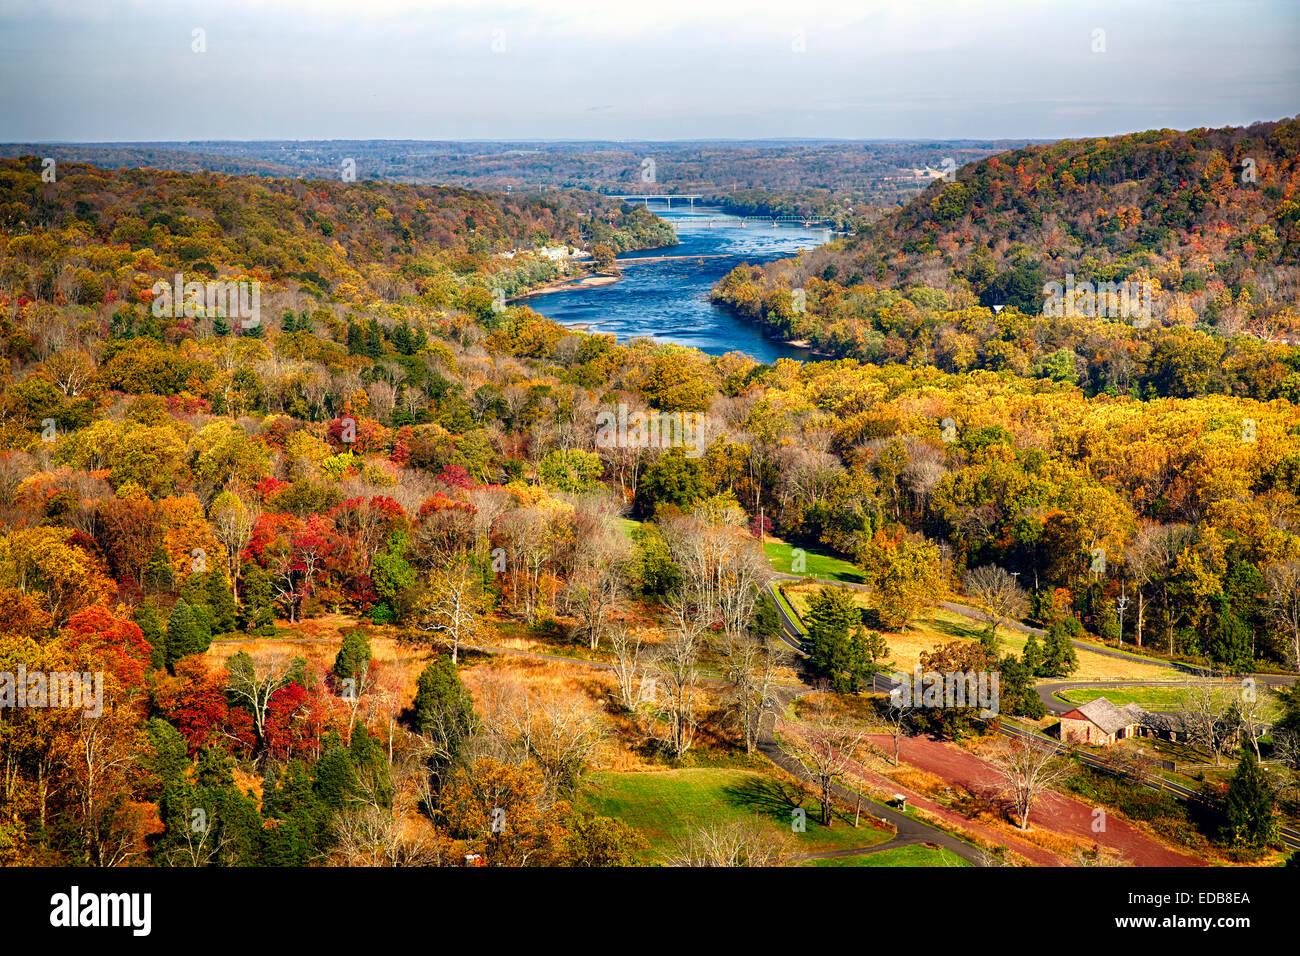 Vue de la rivière Delaware pendant les feuillages d'automne avec les nouveaux ponts Hope-Lambertville, Photo Stock